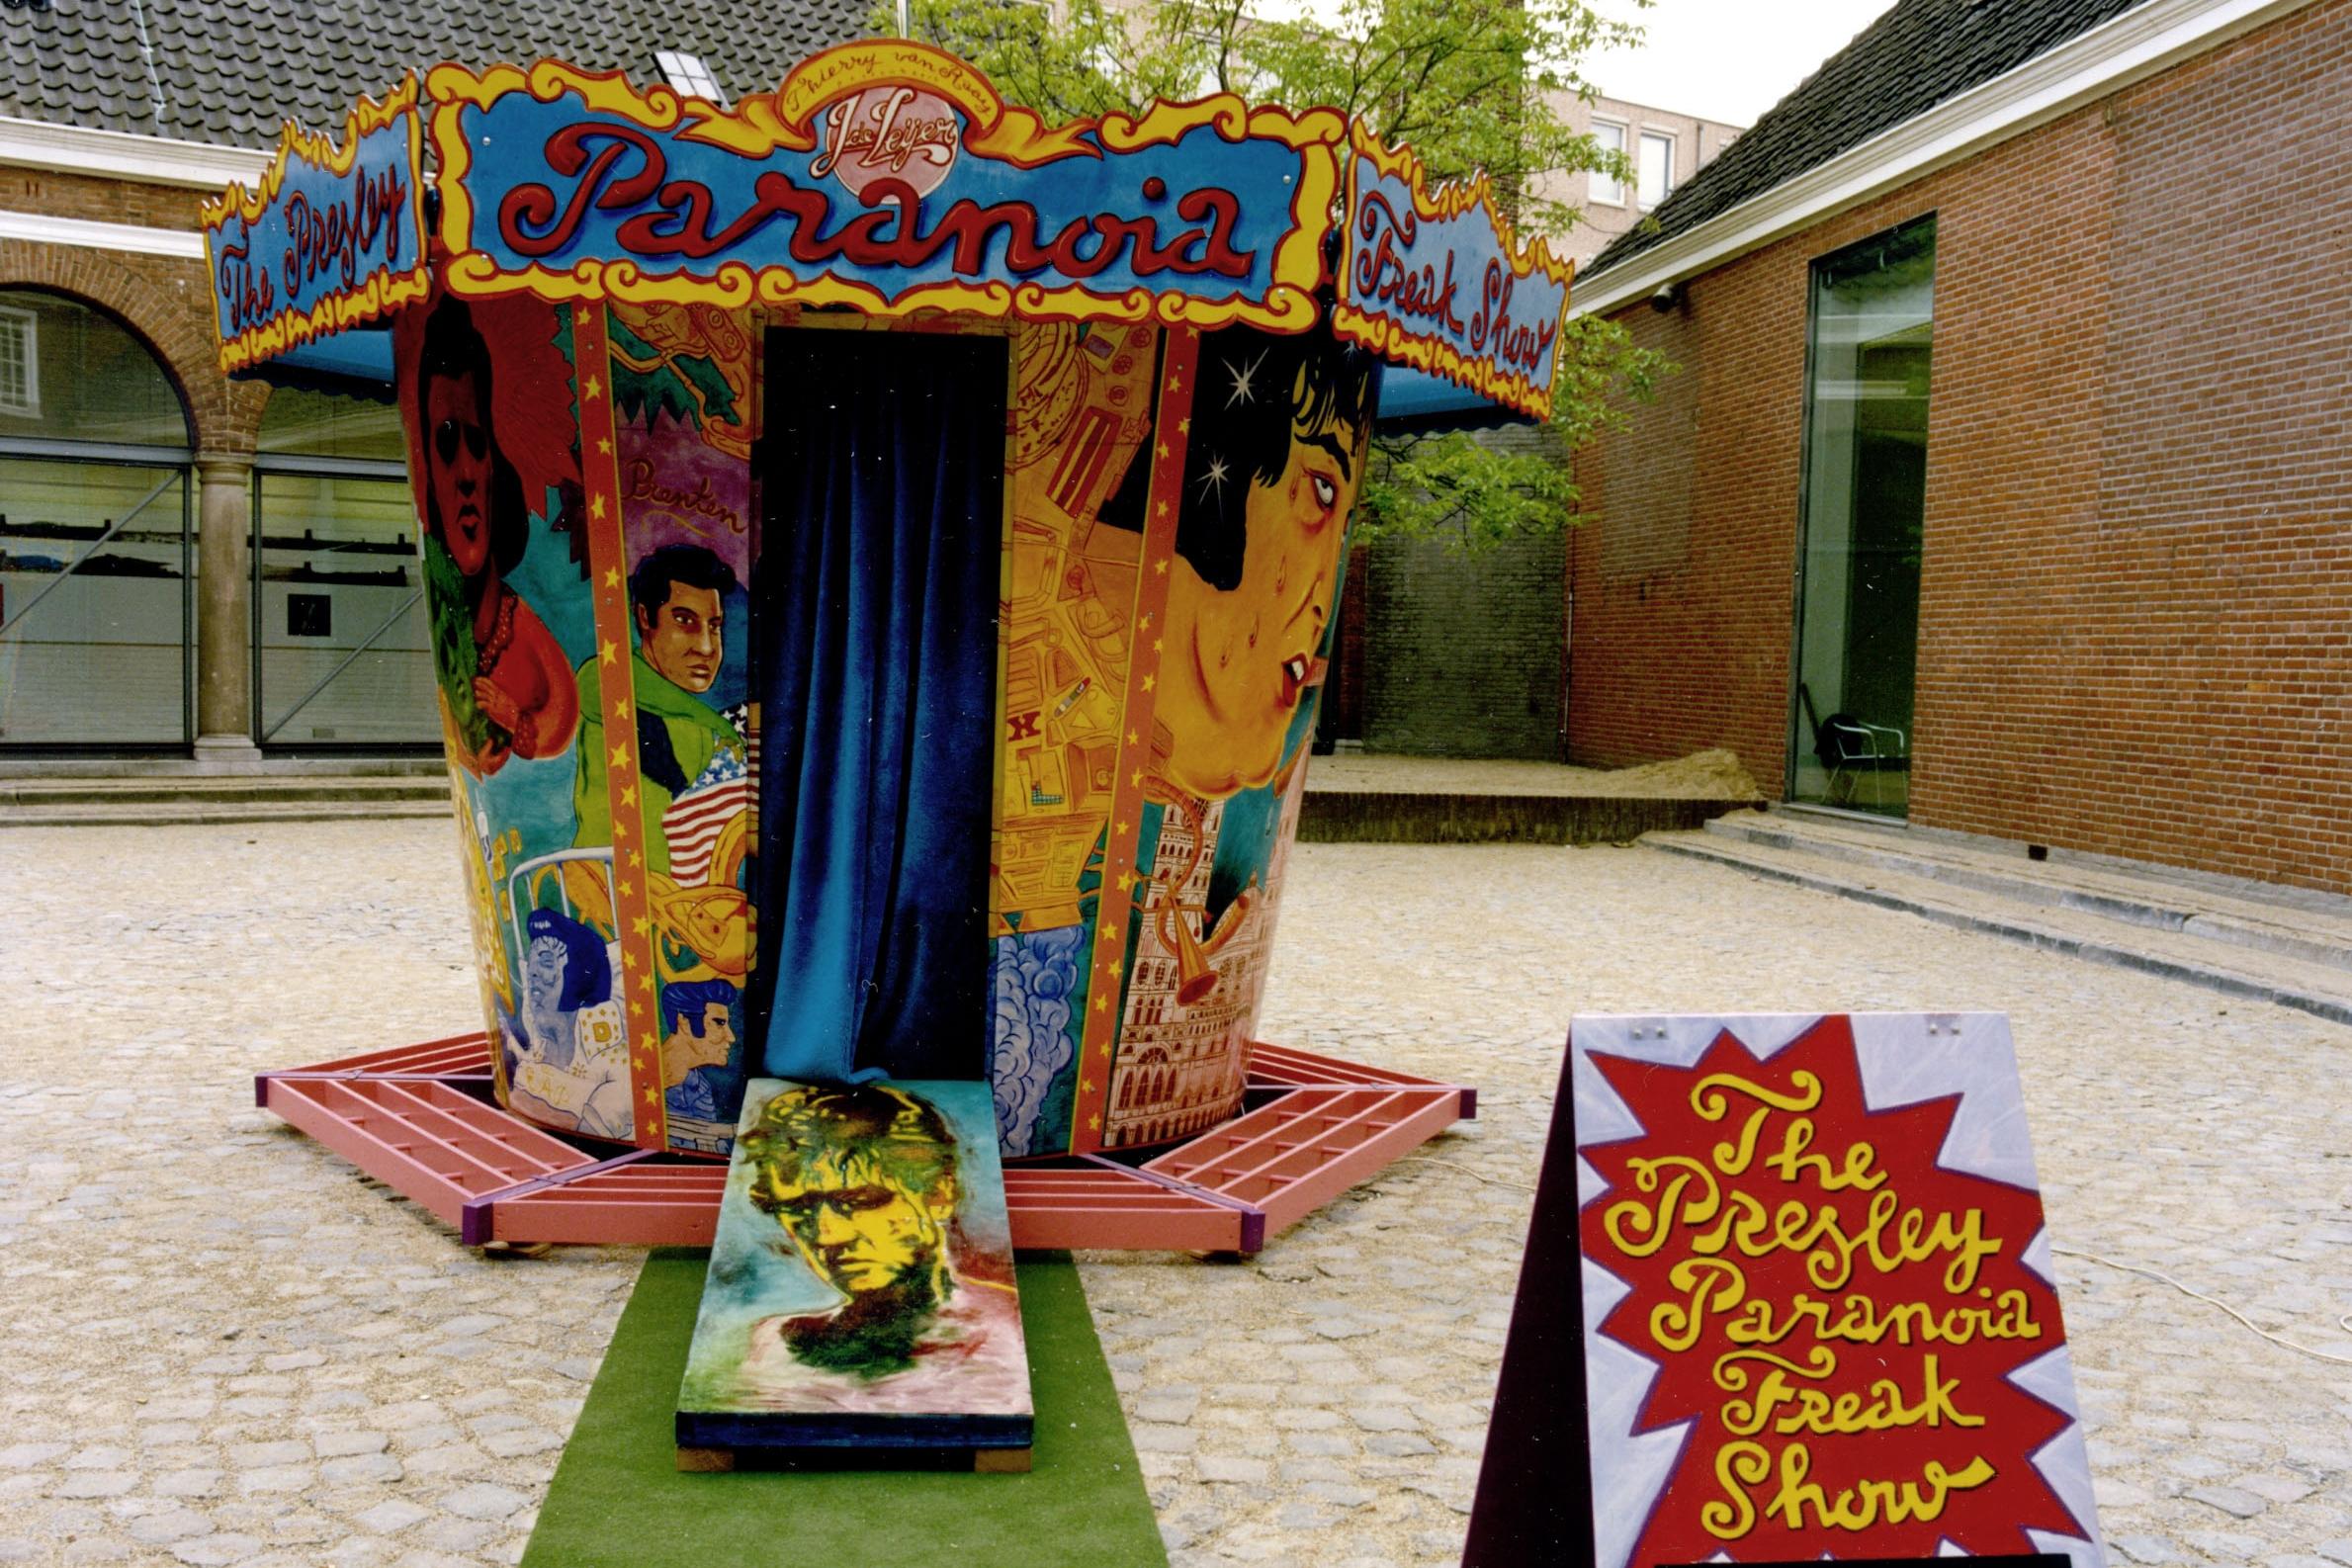 The Presley Paranoia Freak Show   Reizend prentenkabinet met grafiek door Jeroen de Leijer over het tragische leven van de Koning van de Rock & Roll. Was o.a. te zien op Lowlands, De Boulevard en De Parade. Met of zonder suppoost te boeken.